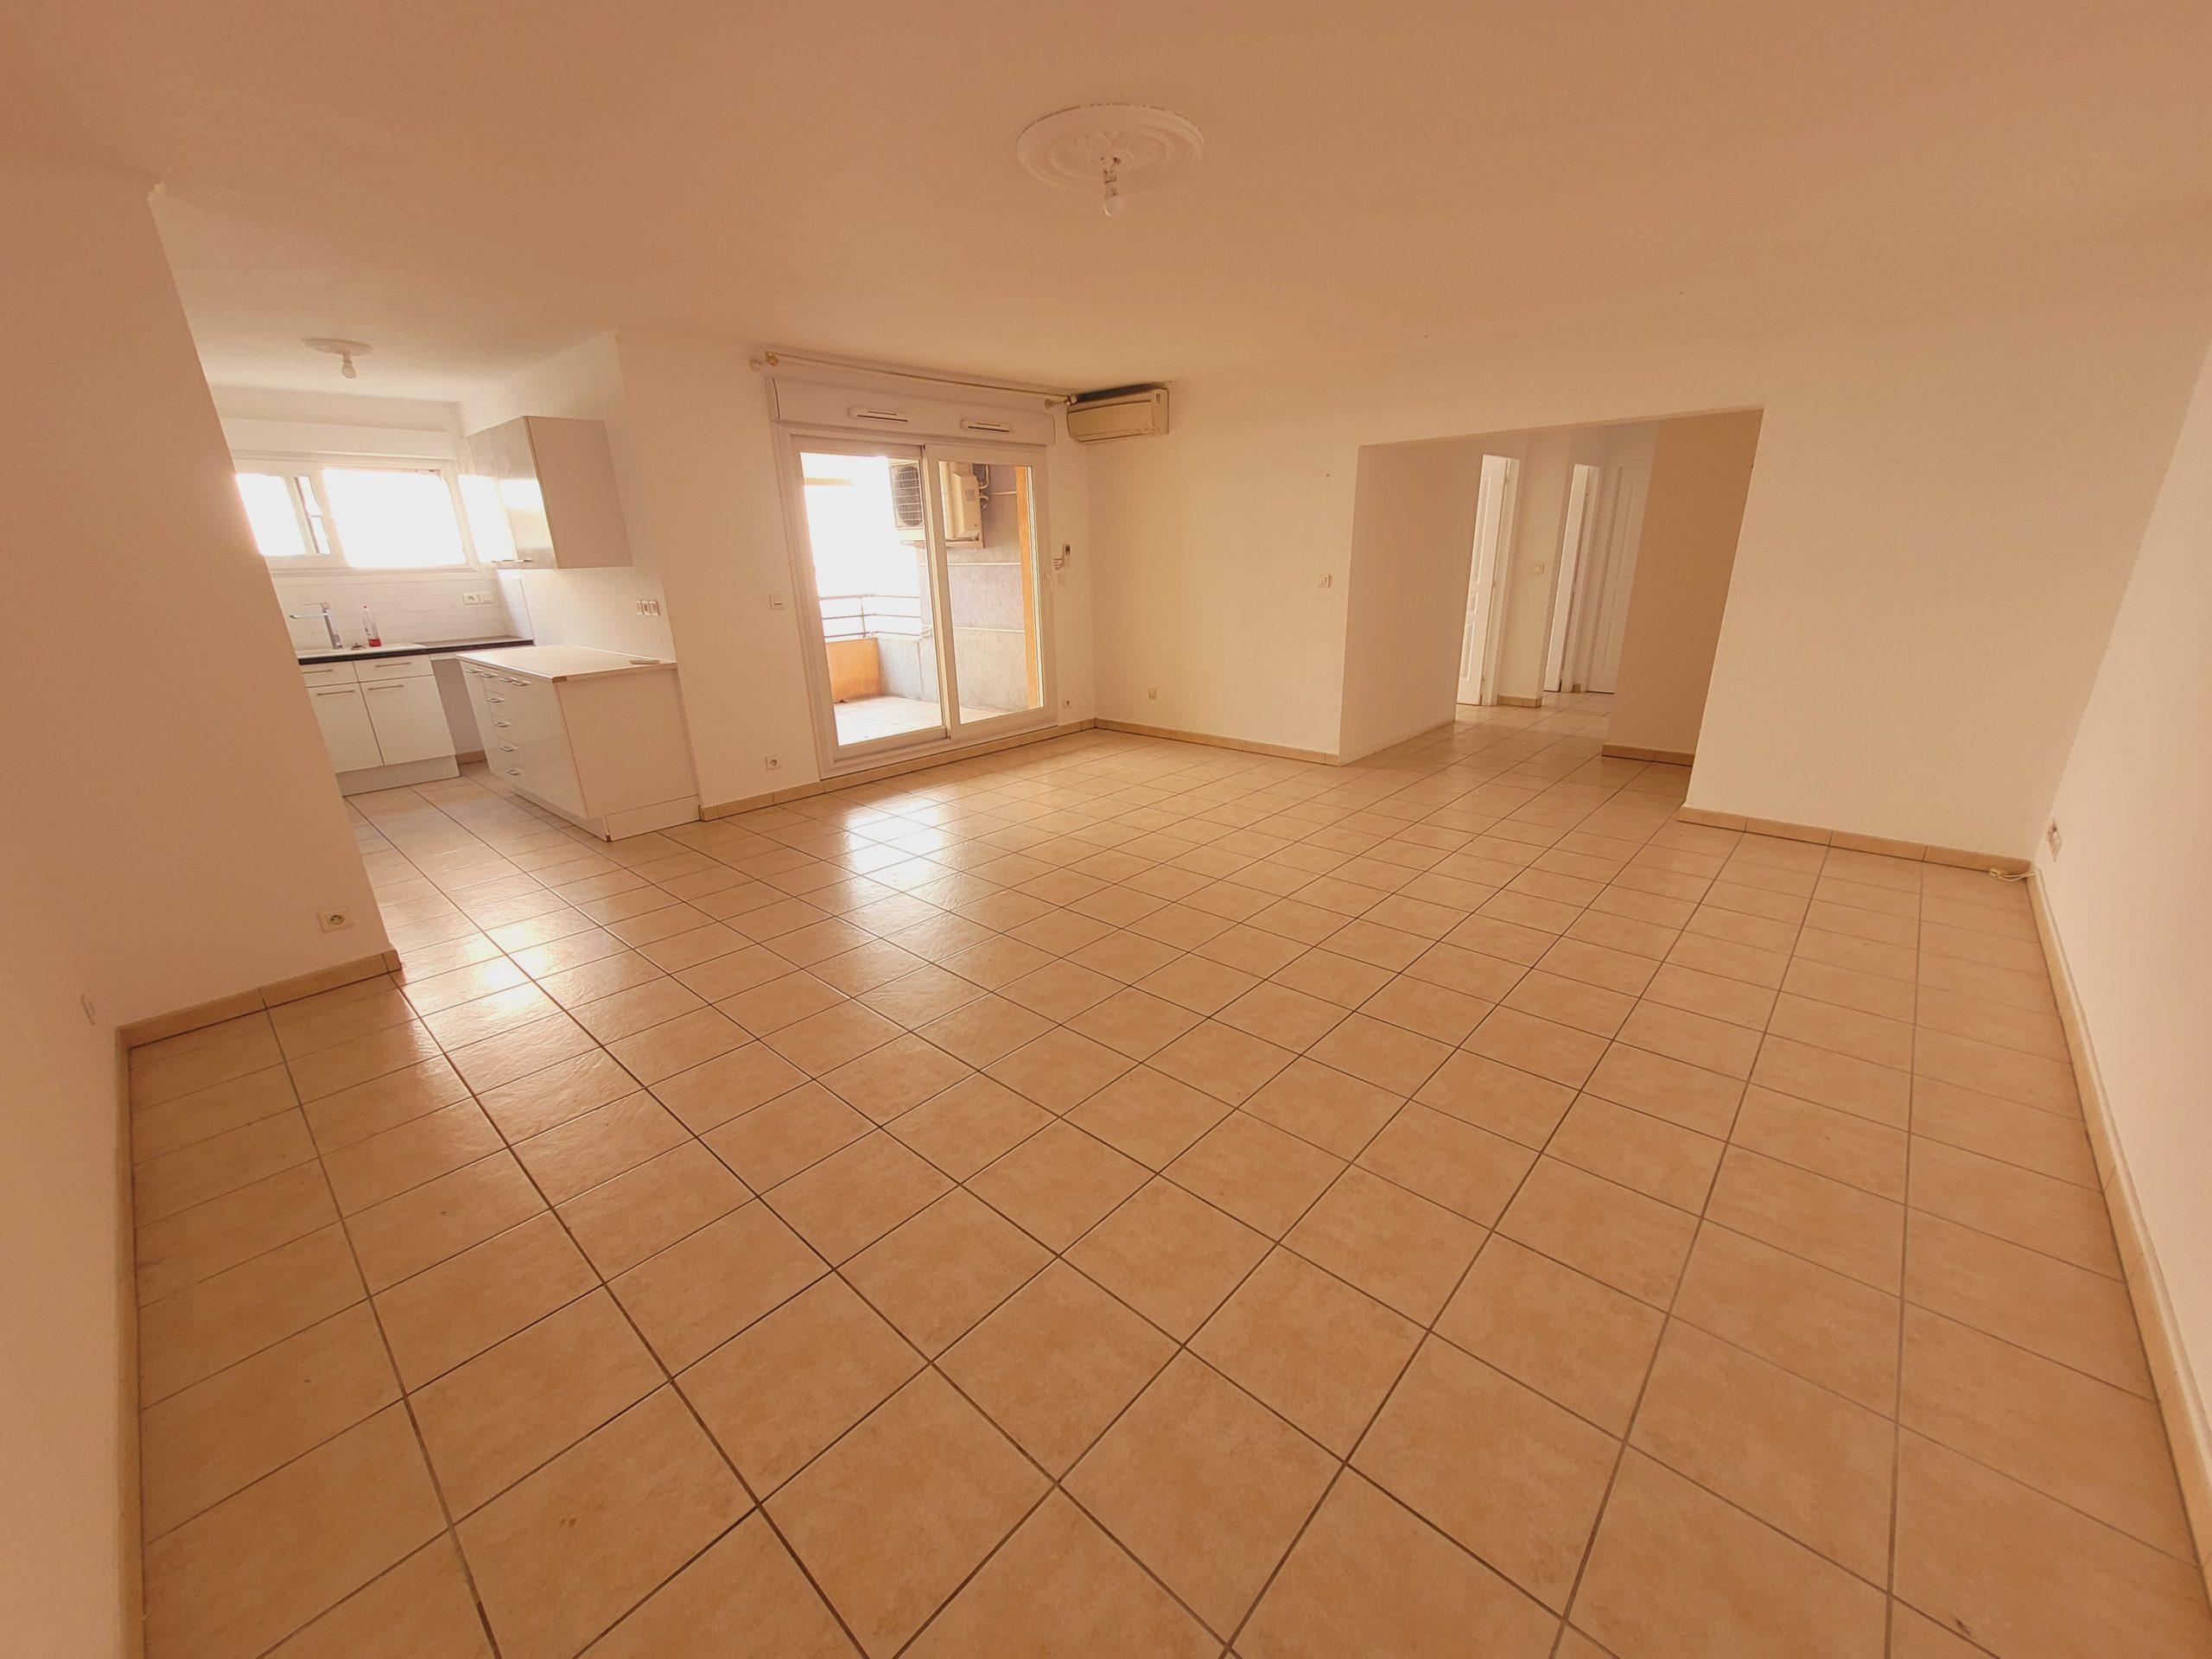 Appartement T3 76m² avec loggia et parking – Draguignan